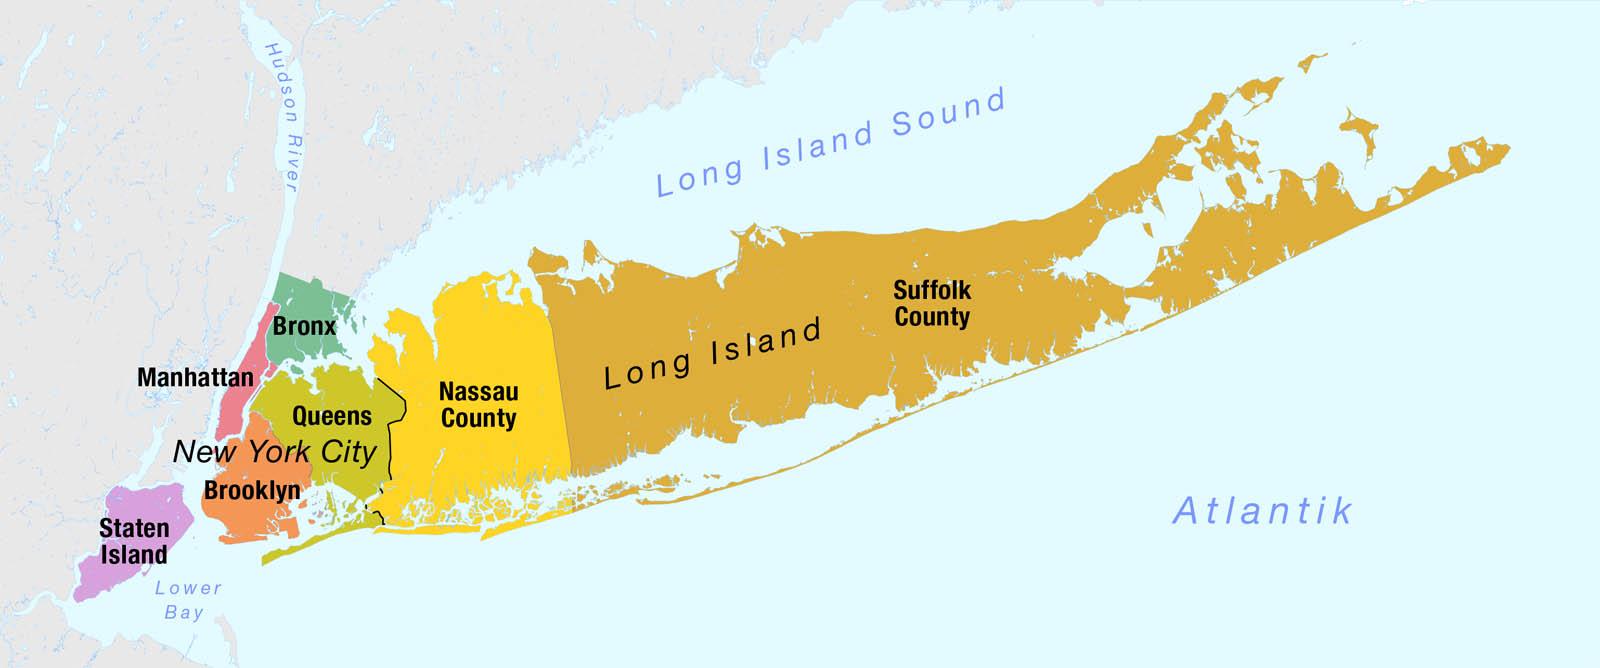 Long Island, NY (USA)